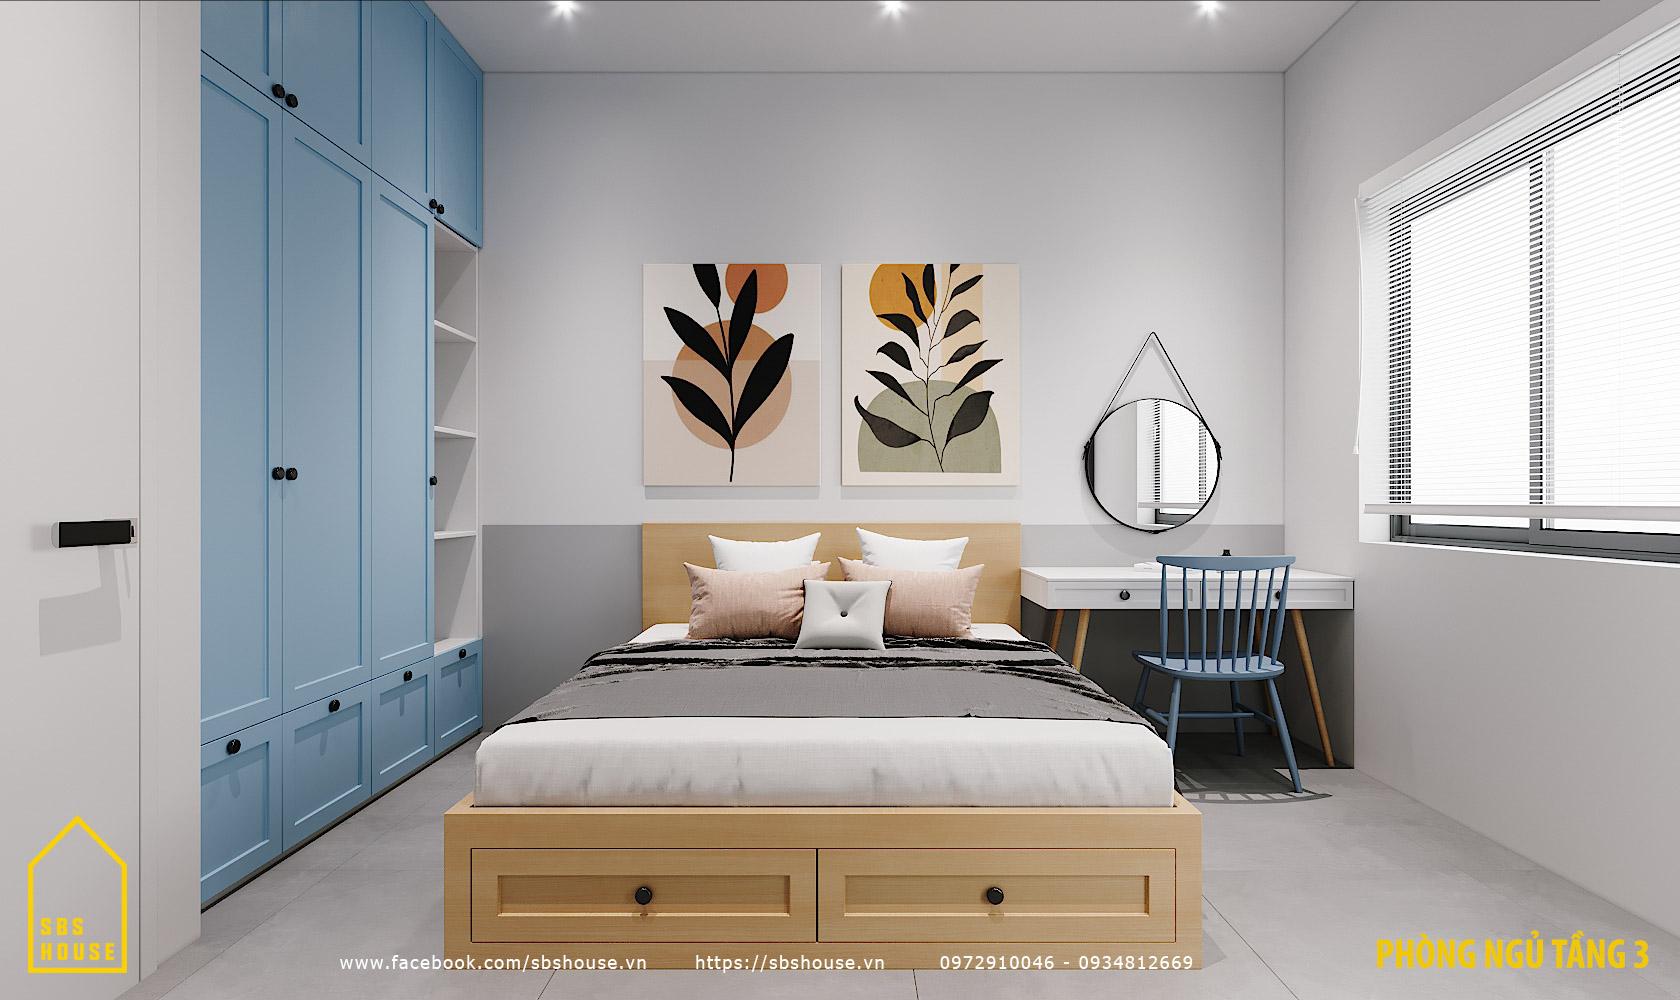 mẫu nhà 3 tầng 3 phòng ngủ tại đà nẵng